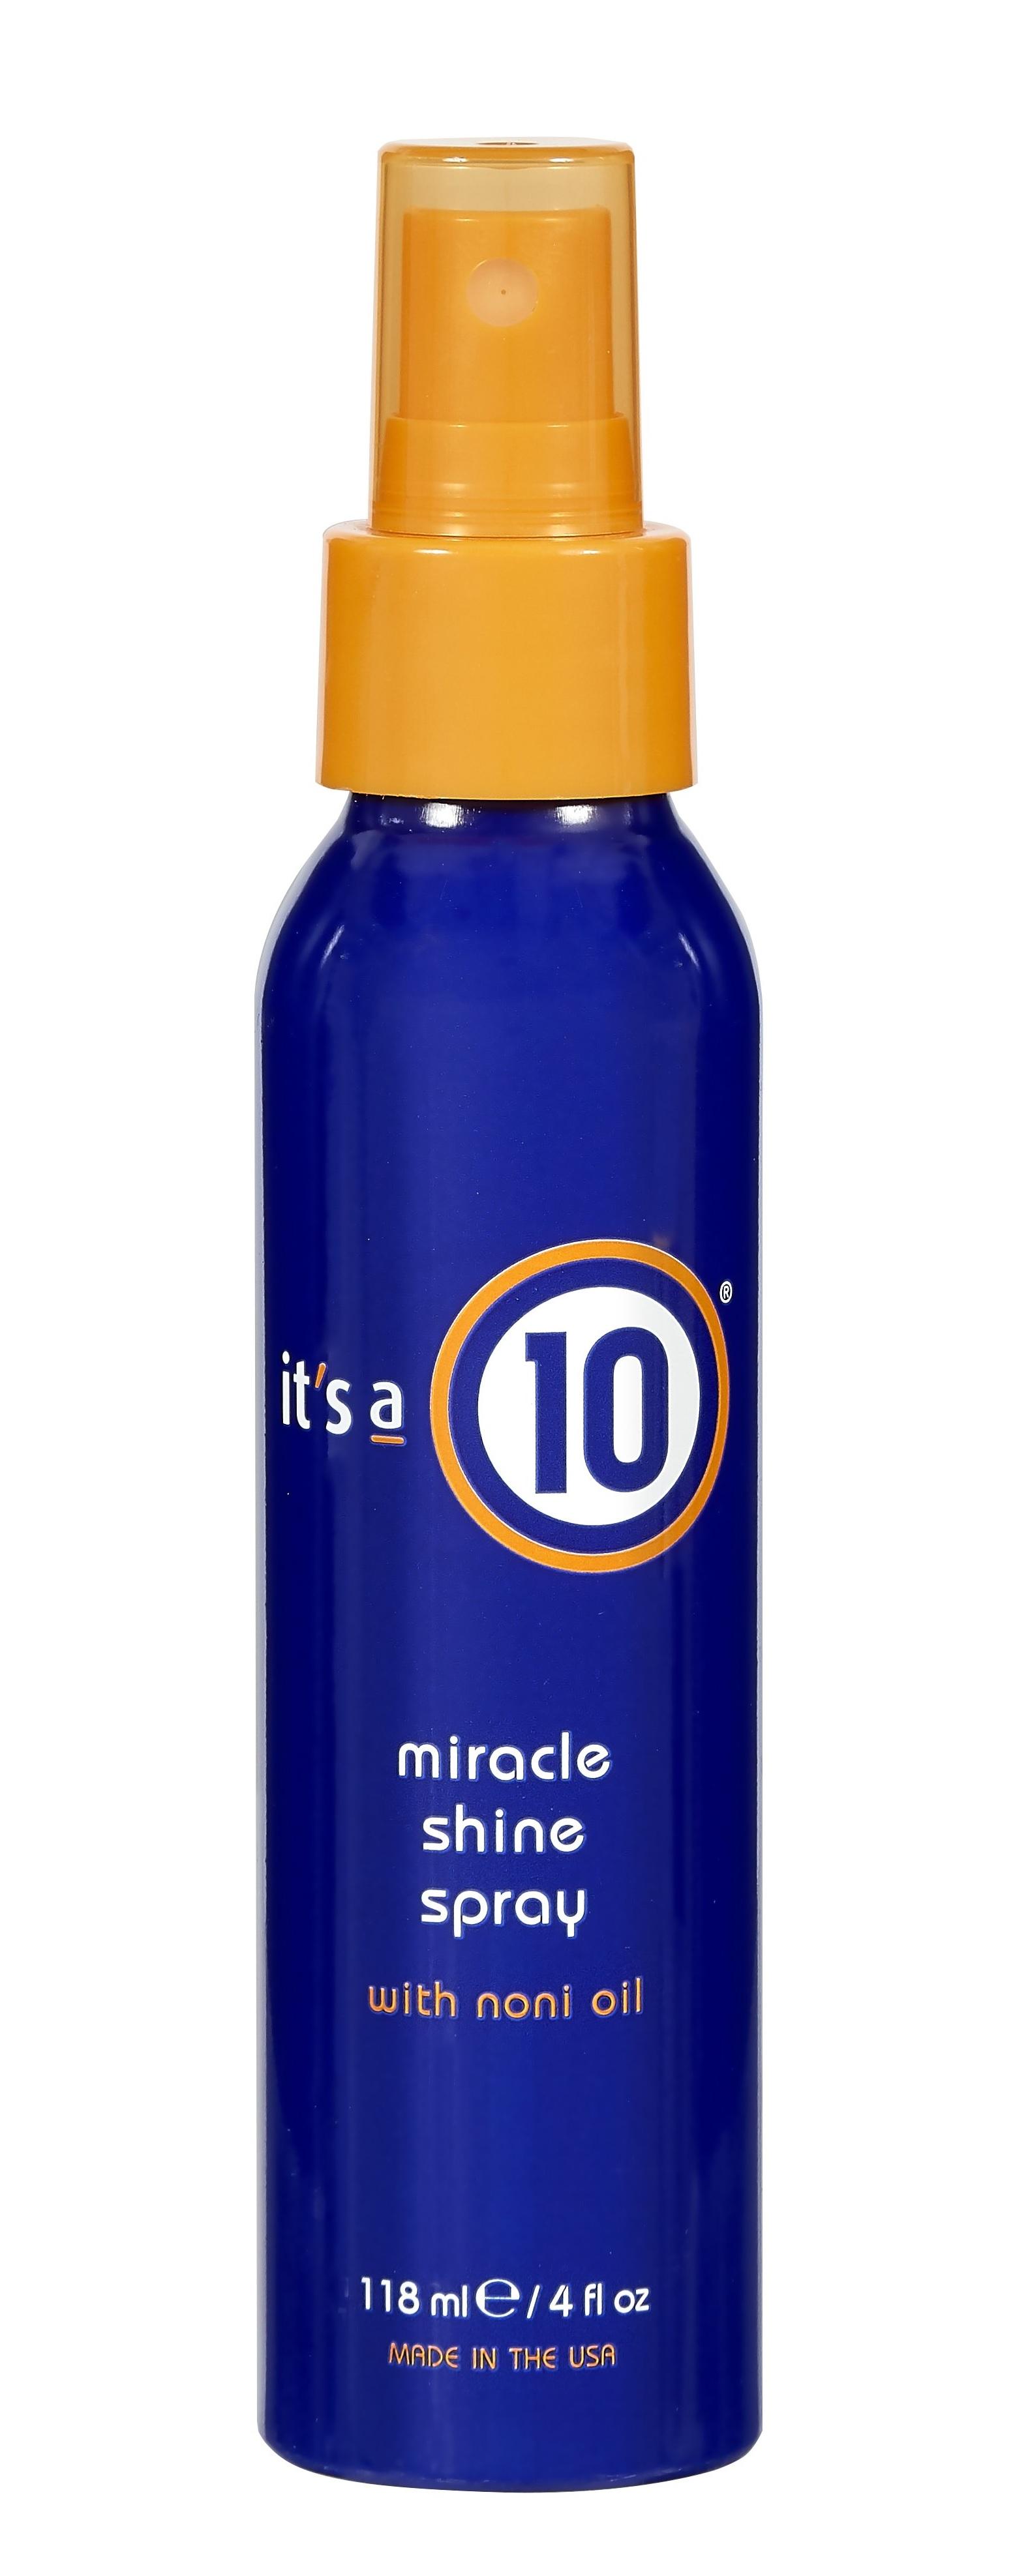 It's a 10 Miracle Shine Spray protege y fortalece el cabello. Ayuda a suavizar los estilos rizados y lacios. Entre sus ingredientes mezcla extracto de manzanilla, aminoácidos de seda, extracto de noni, extracto de ylang ylang, aceite de cáñamo, extracto de té rojo, aceite de semilla de babasú. (Suministrada)